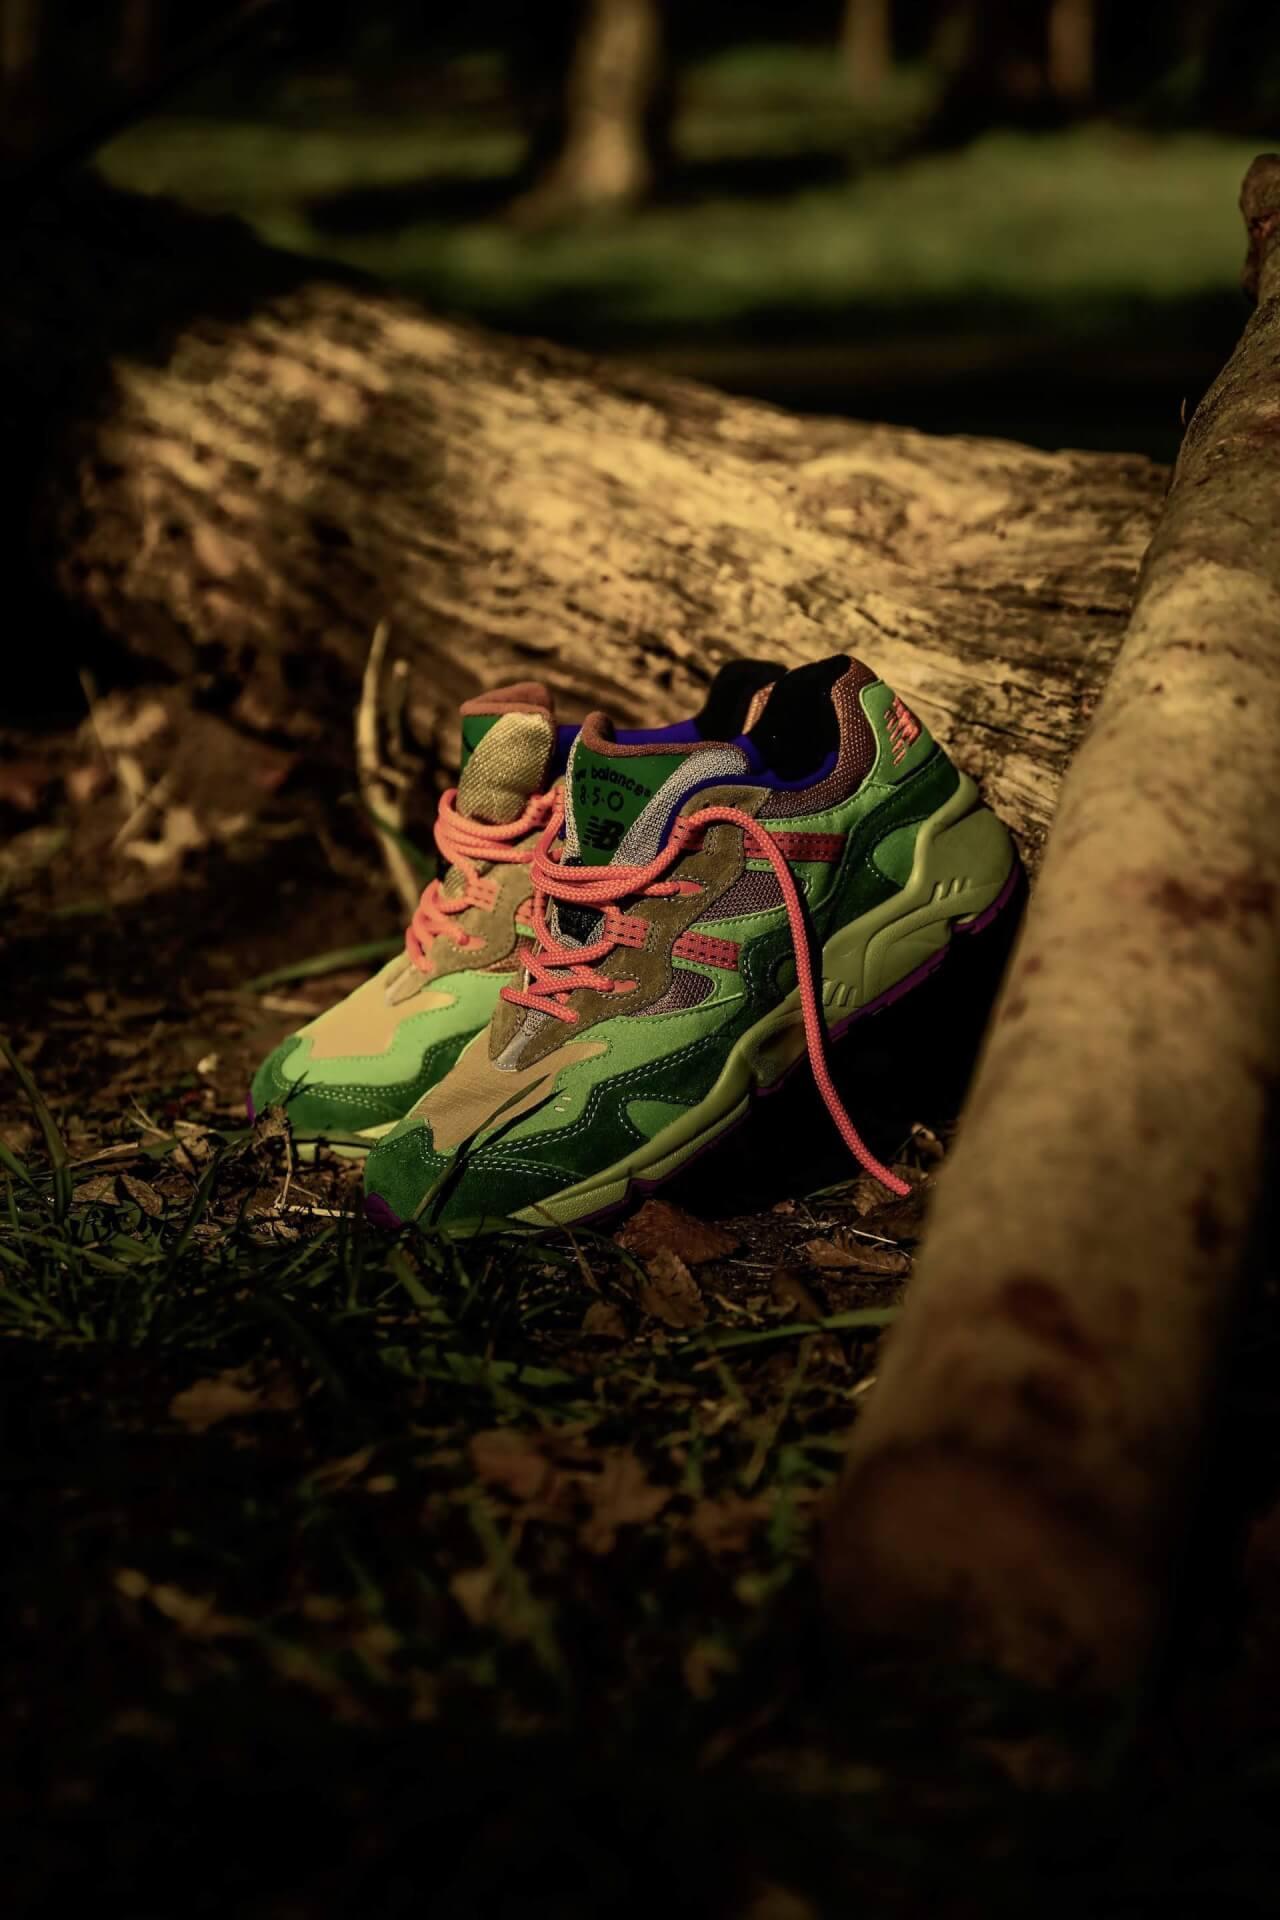 ニューバランスとatmosの別注モデル『ML850ATA』が発売!テントや森林、大地からインスパイアされたカラー lf200406_atomosnb_04